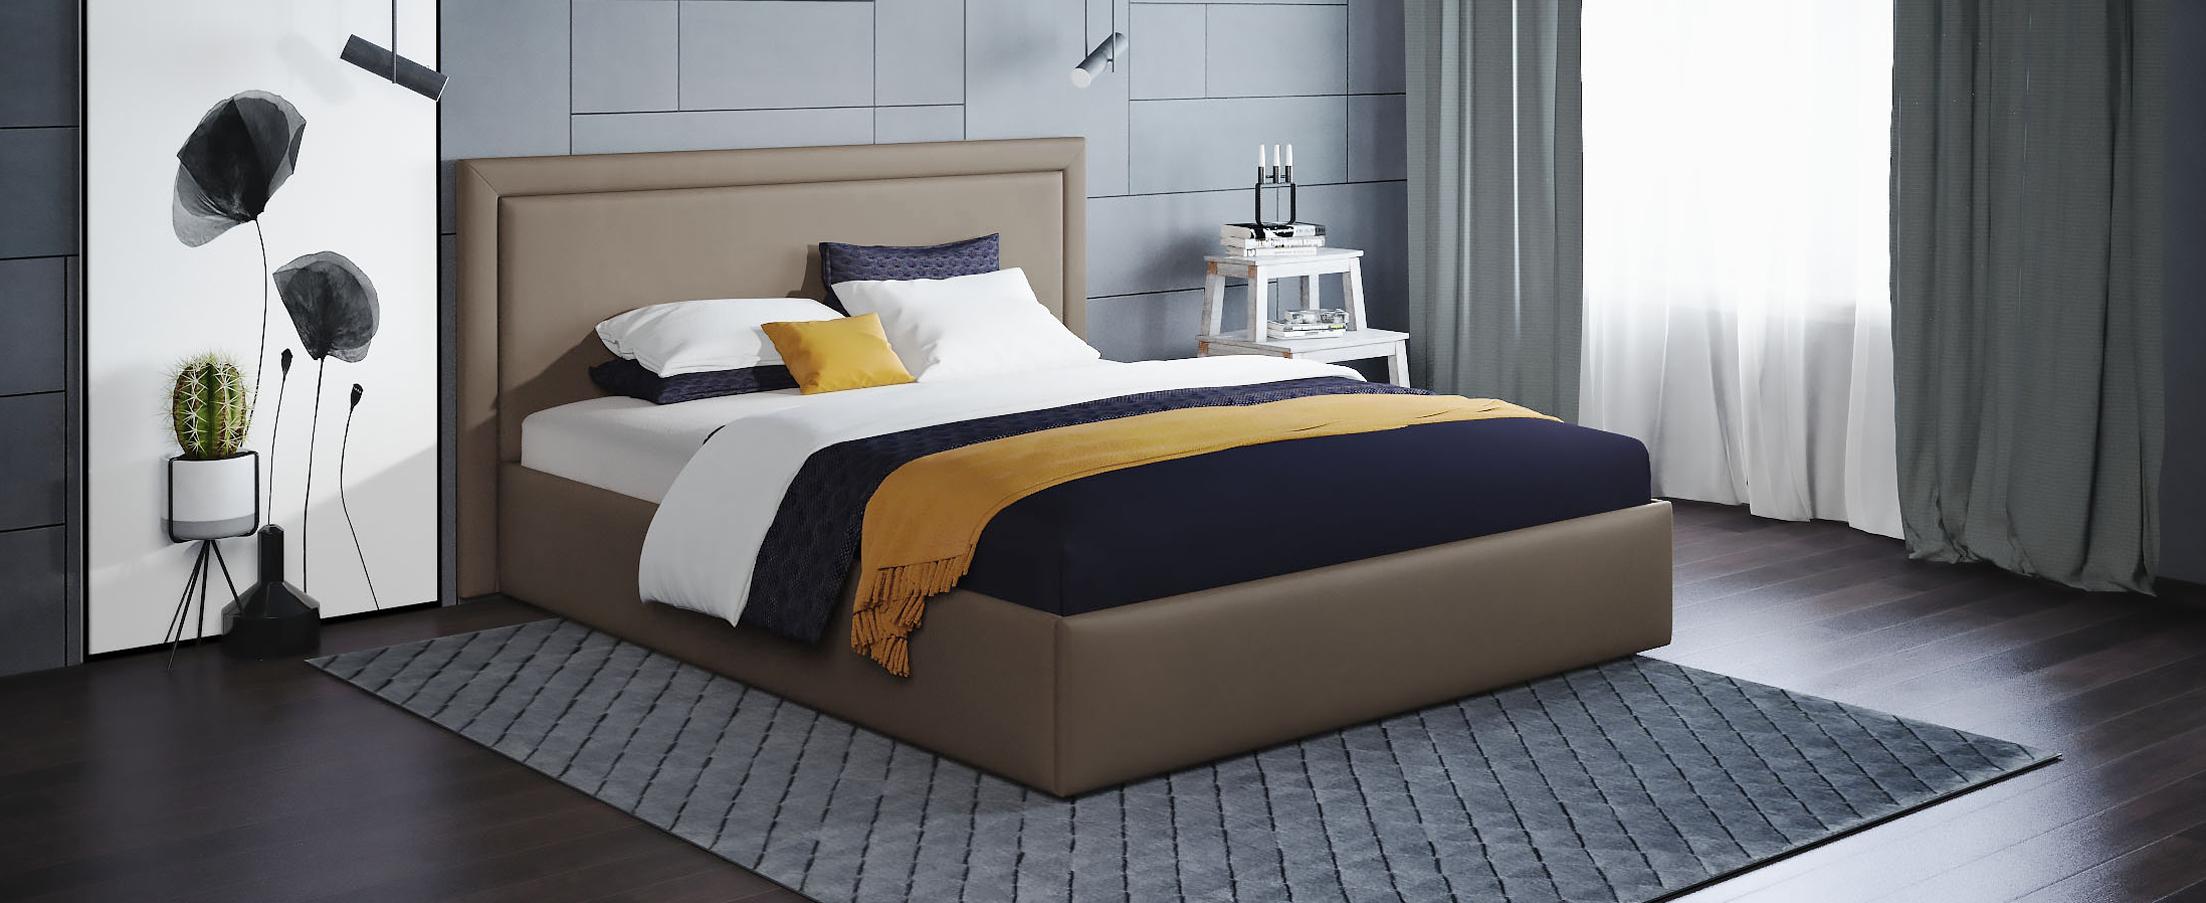 Кровать двуспальная Паола 140х200 Модель 1201Прямоугольная форма изголовья кровати Паола с мягкой рамой по краям напоминает собой картину. Простые строгие формы без лишних деталей позволяют вписать эту кровать в интерьер практически любого стилистического направления.<br>